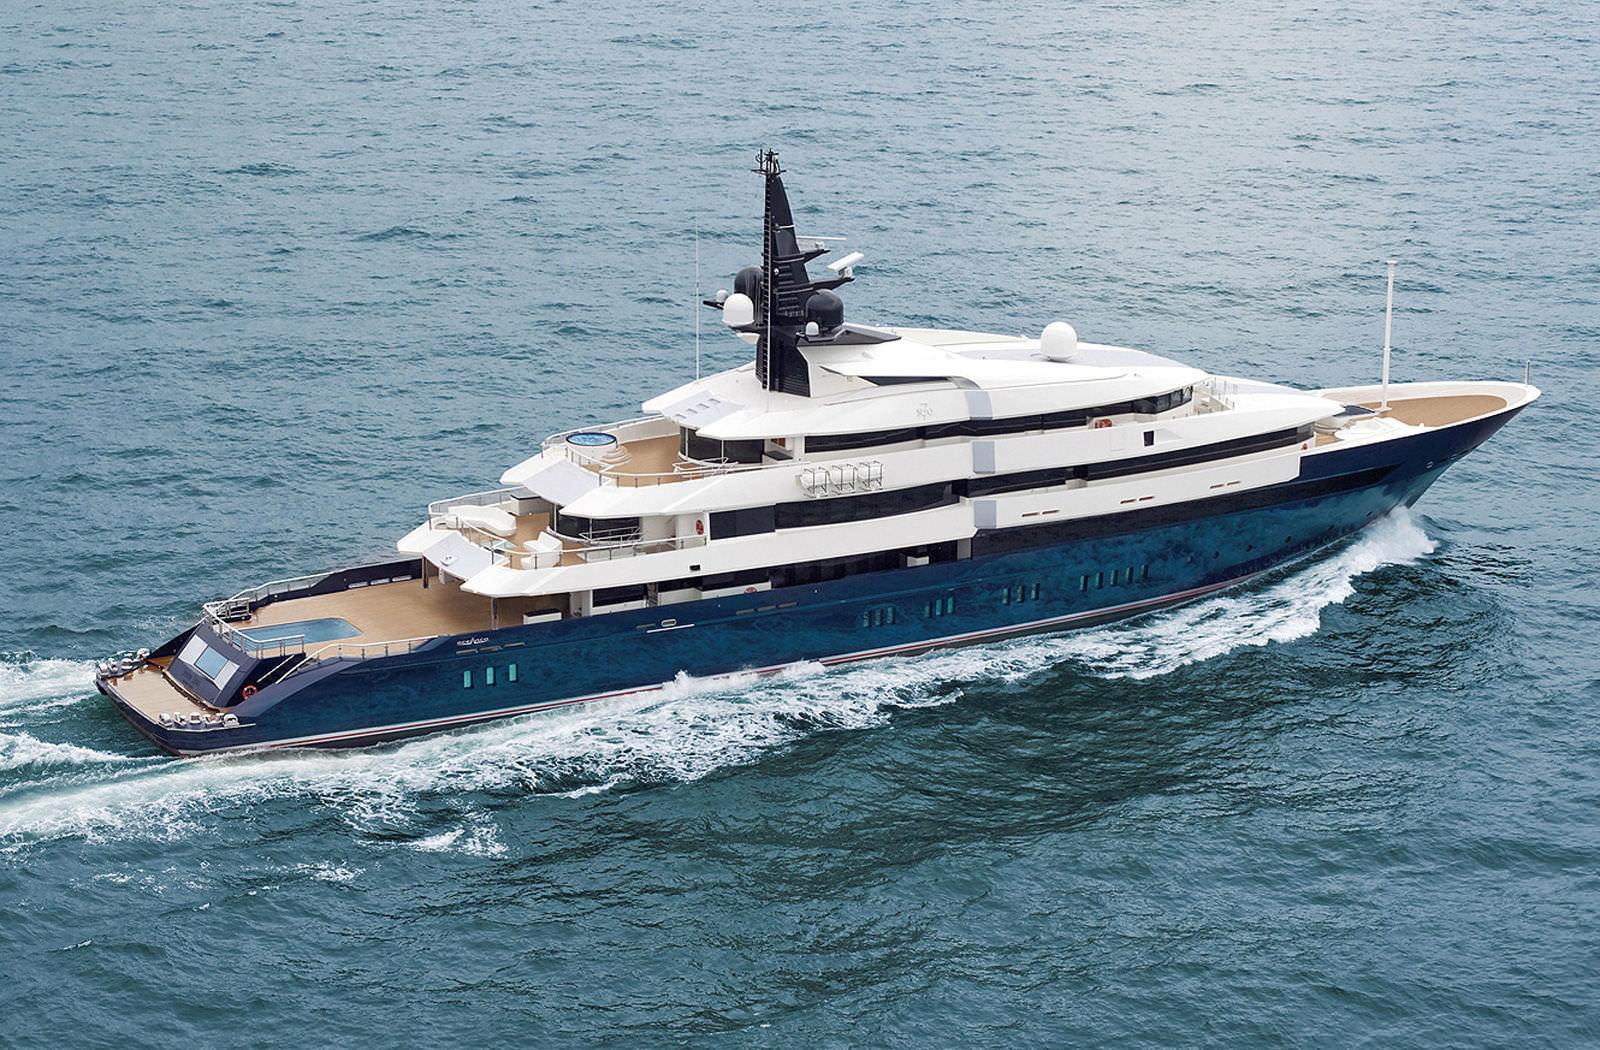 Megayacht SEVEN SEAS